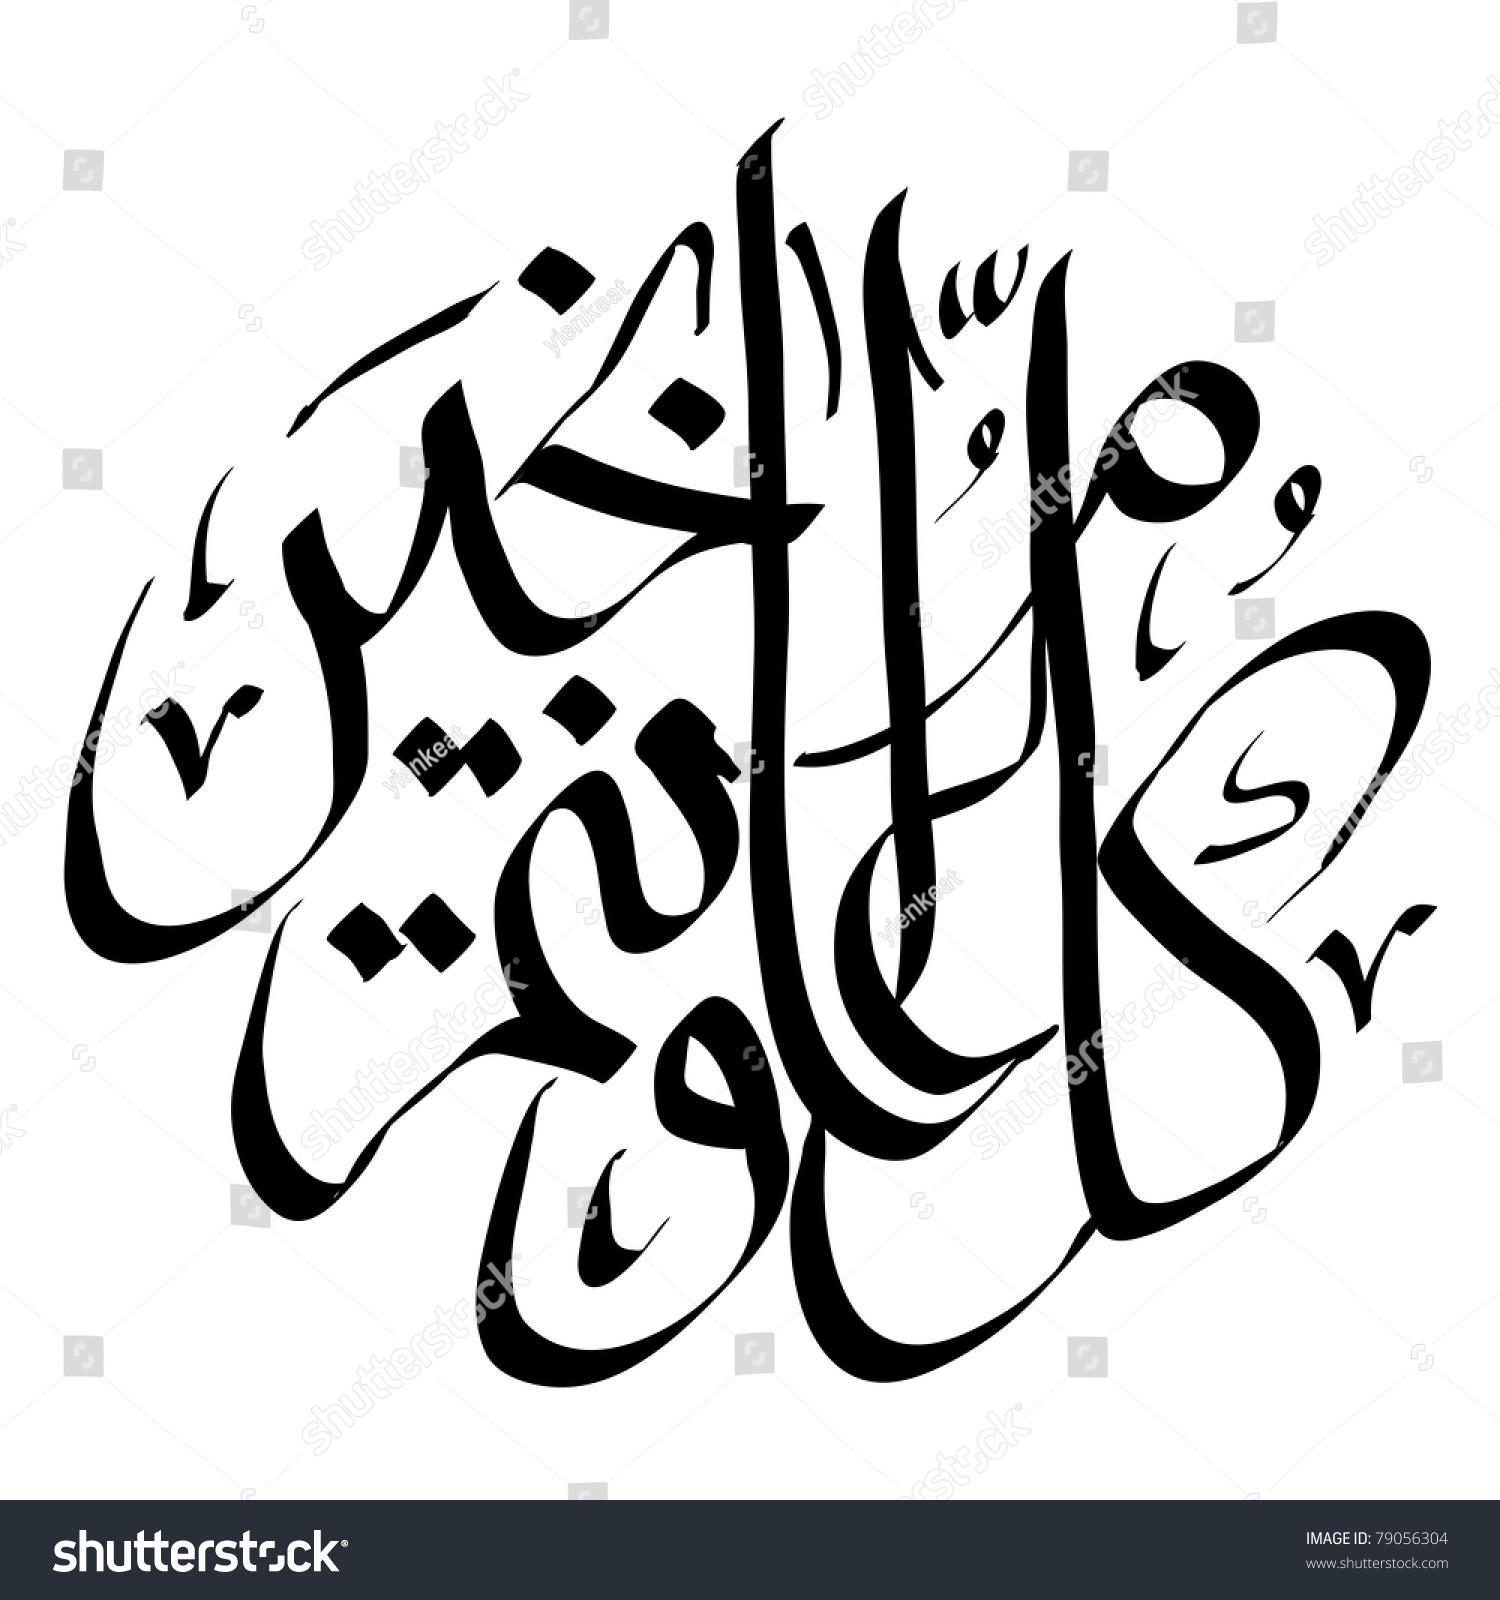 Arabic greeting calligraphy eid mubarak stock illustration 79056304 arabic greeting calligraphy eid mubarak kristyandbryce Image collections